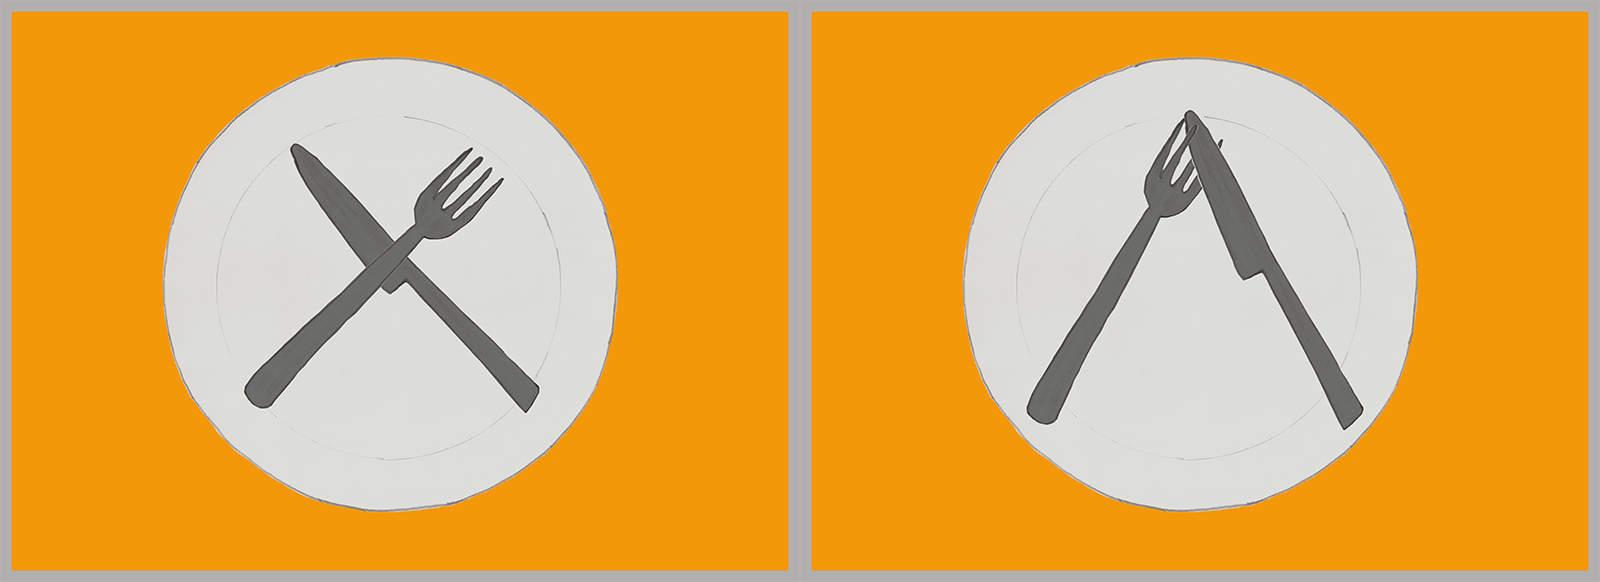 Los cubiertos cruzados formando una X en medio del plato, o en forma de V invertida, pero cruzando el cuchillo entre los dientes del tenedor.